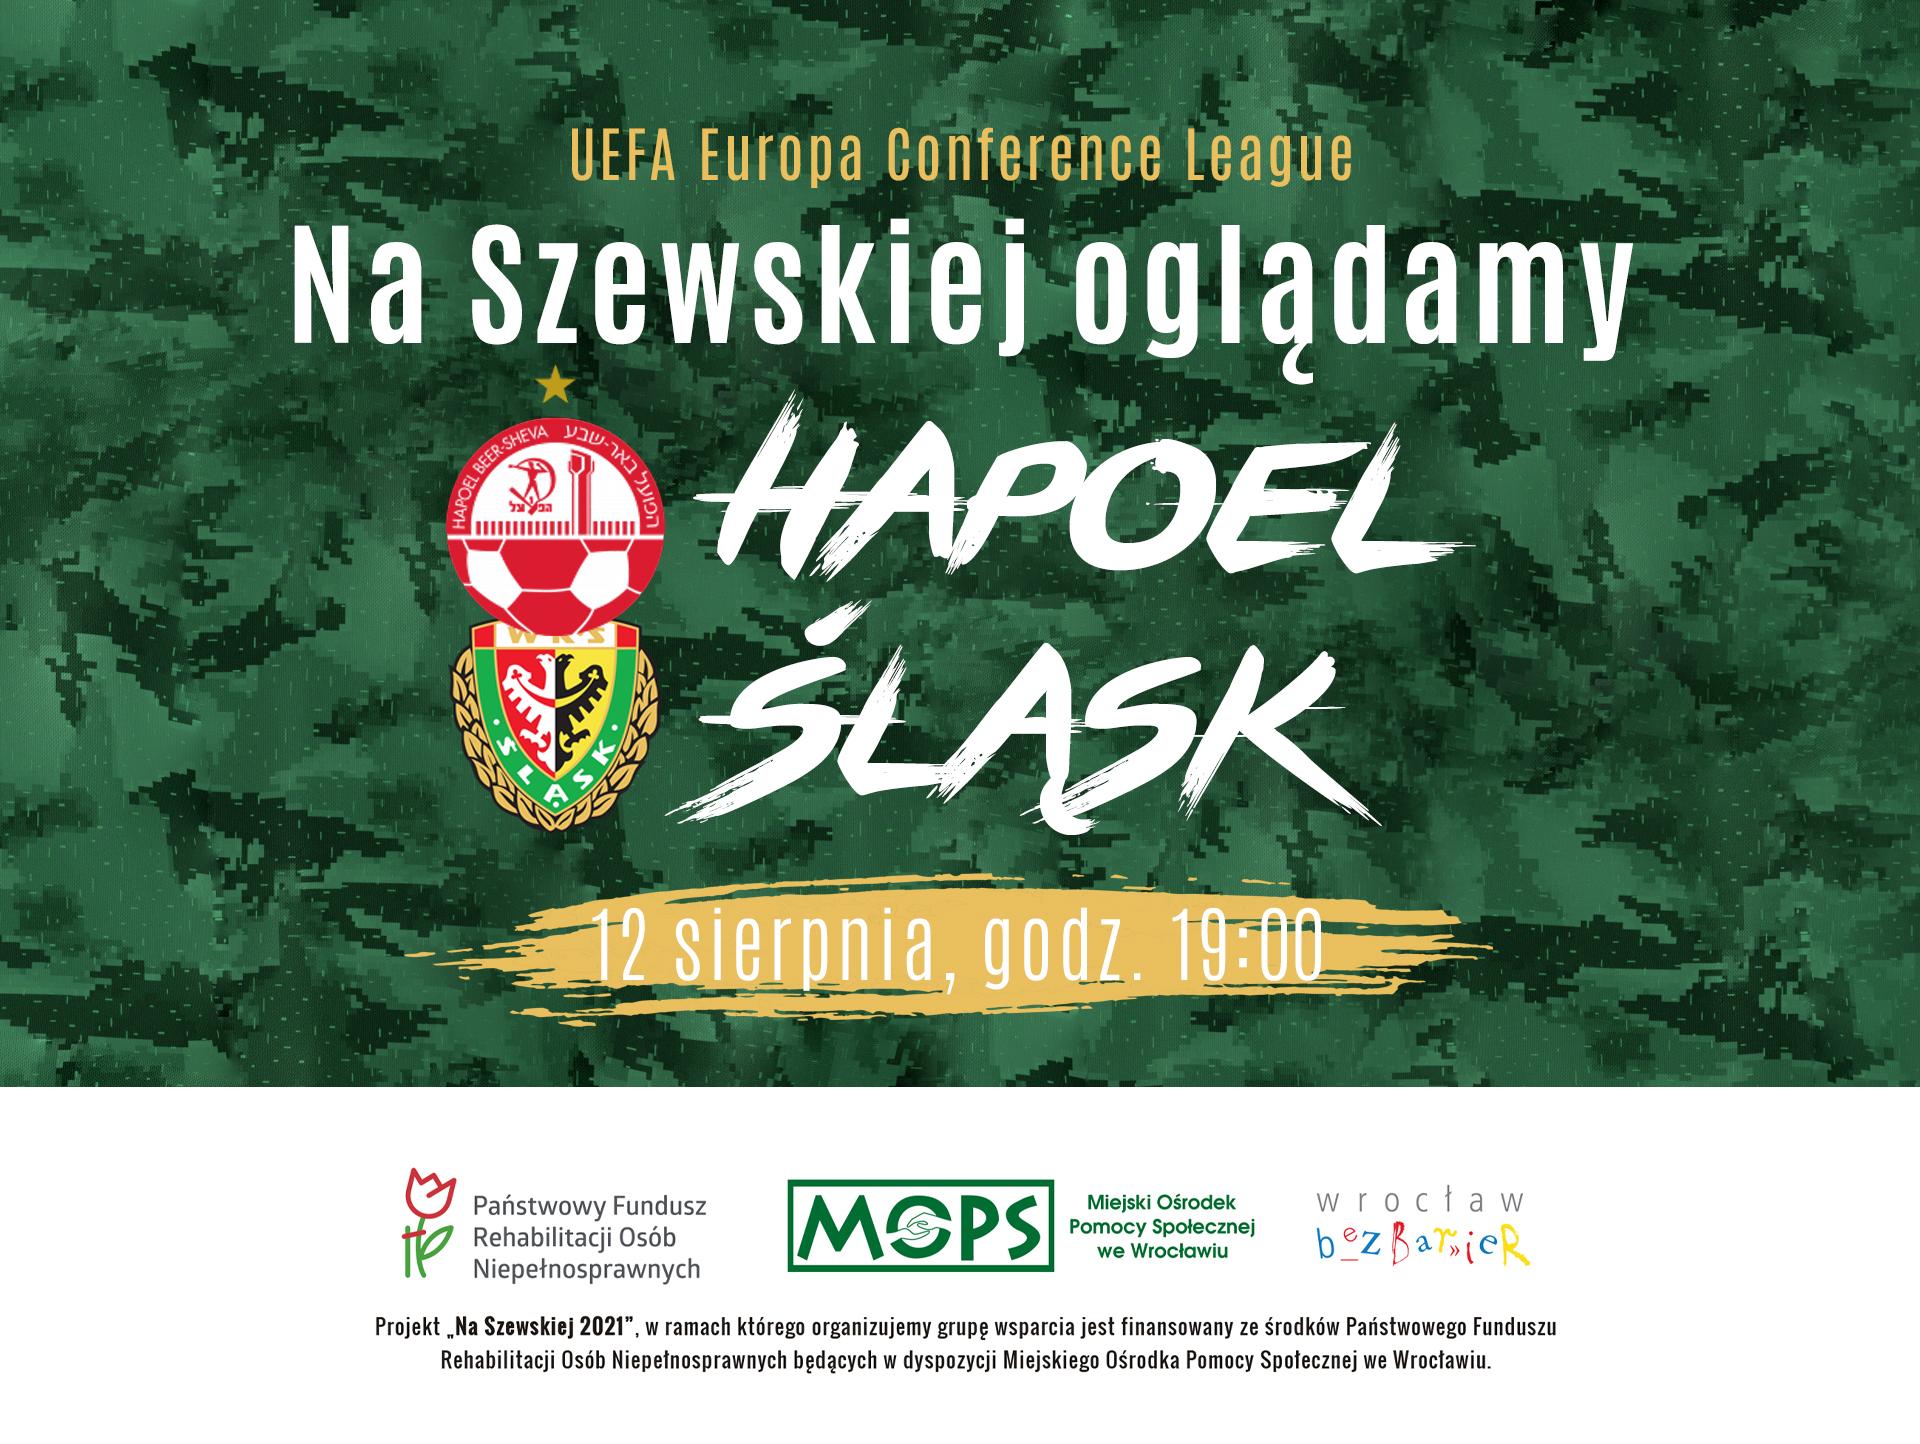 Karta informacyjne: Na Szewskiej oglądamy Hapoel – Śląsk, 12 sierpnia, godz. 19:00. Na dole logotypy projektu